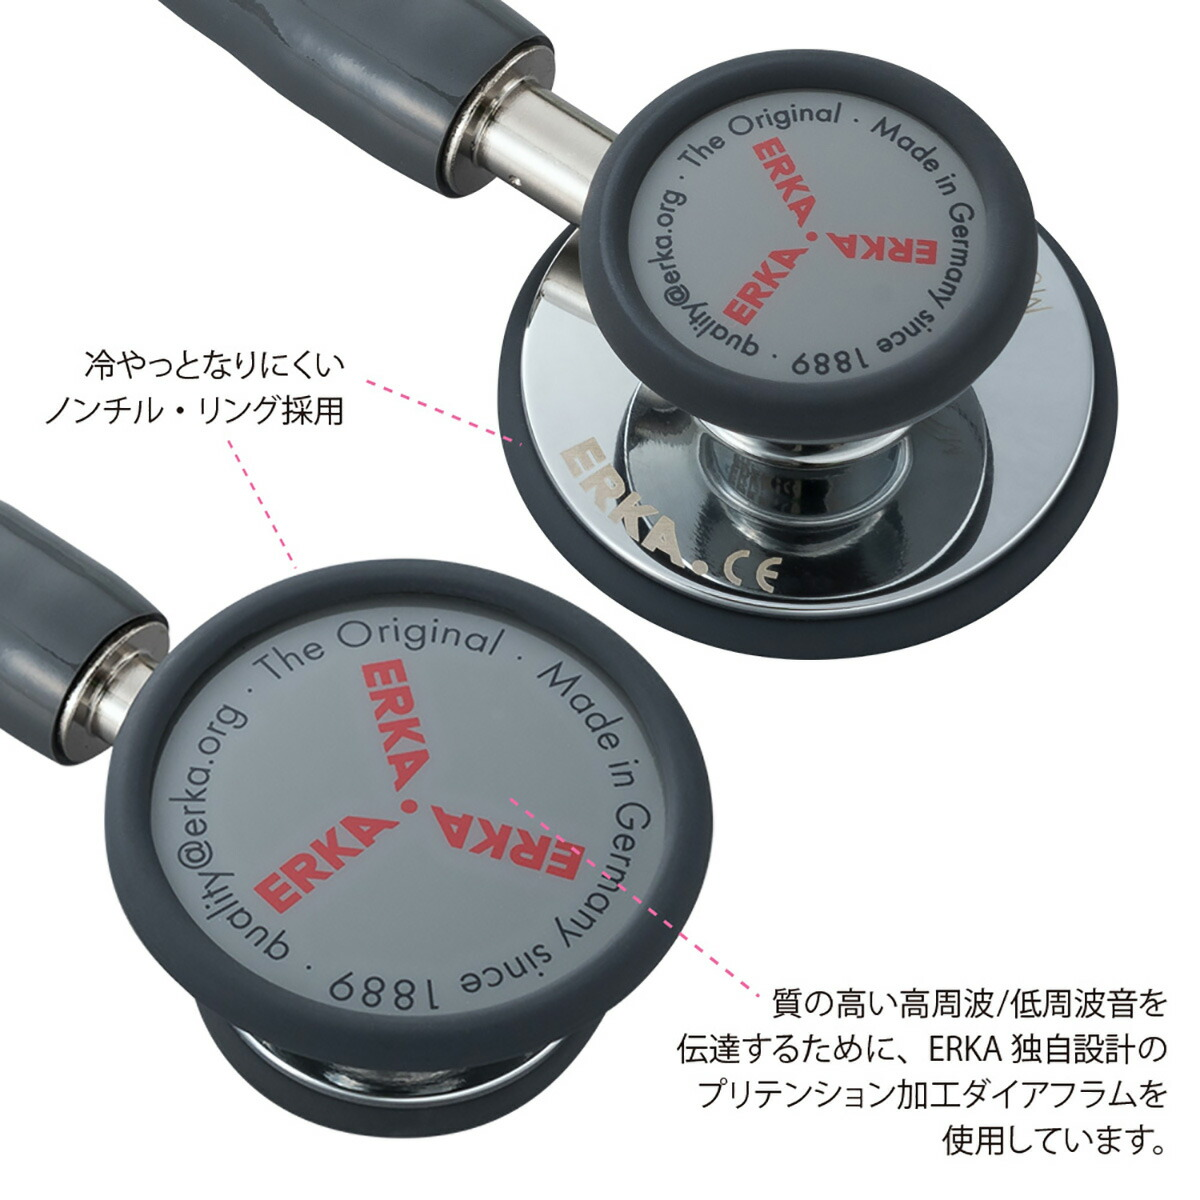 ERKA.フィネス ダブル:535 ダイアフラム面(46mm)